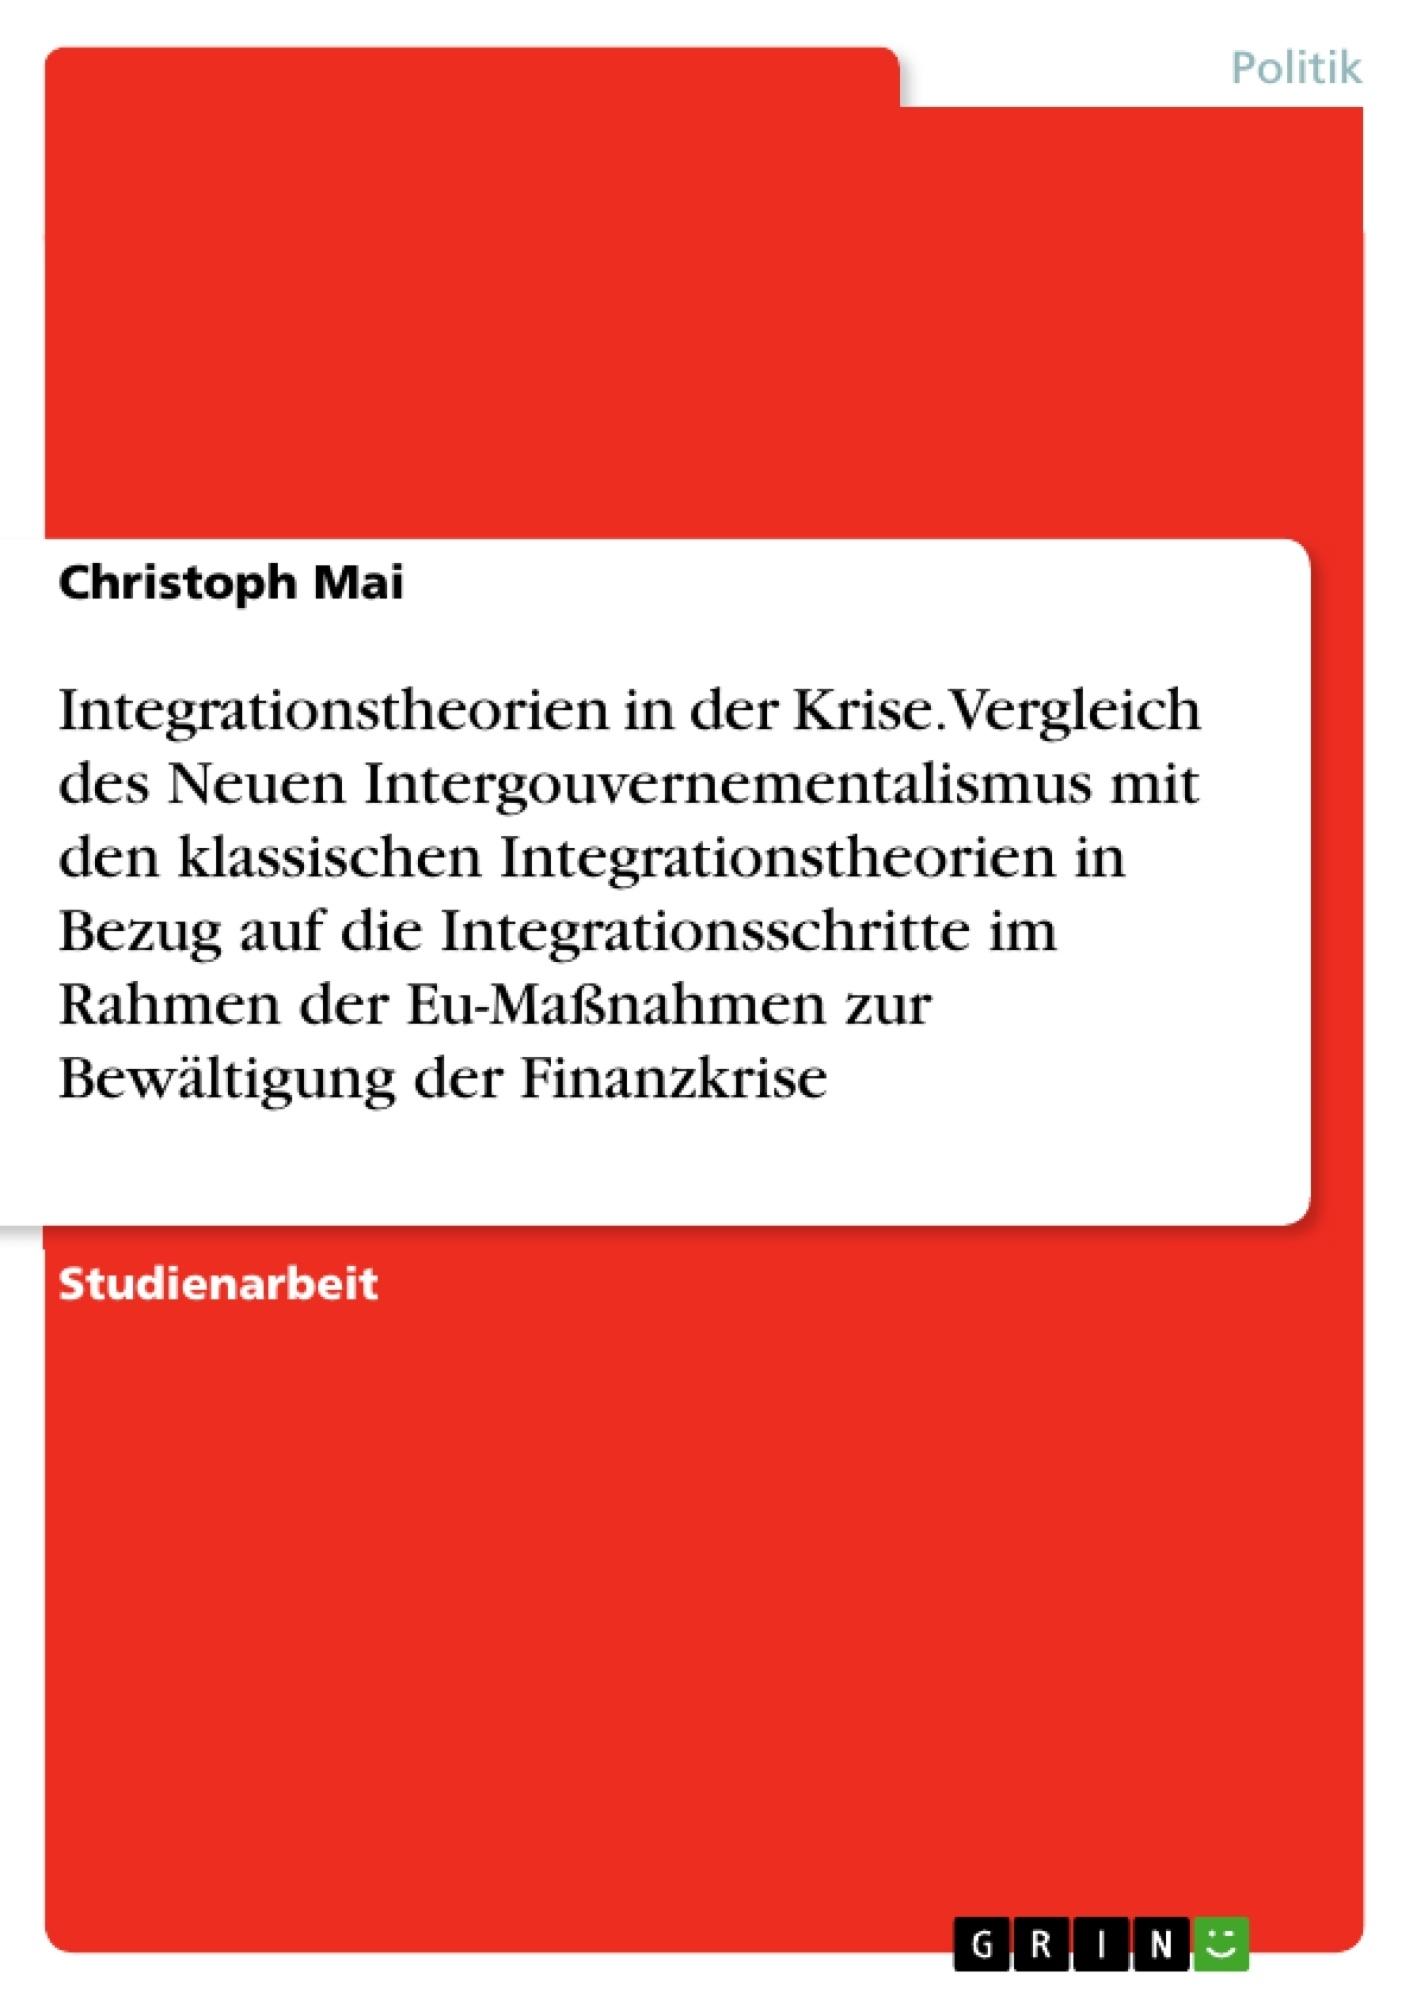 Titel: Integrationstheorien in der Krise. Vergleich des Neuen Intergouvernementalismus mit den klassischen Integrationstheorien in Bezug auf die Integrationsschritte im Rahmen der Eu-Maßnahmen zur Bewältigung der Finanzkrise